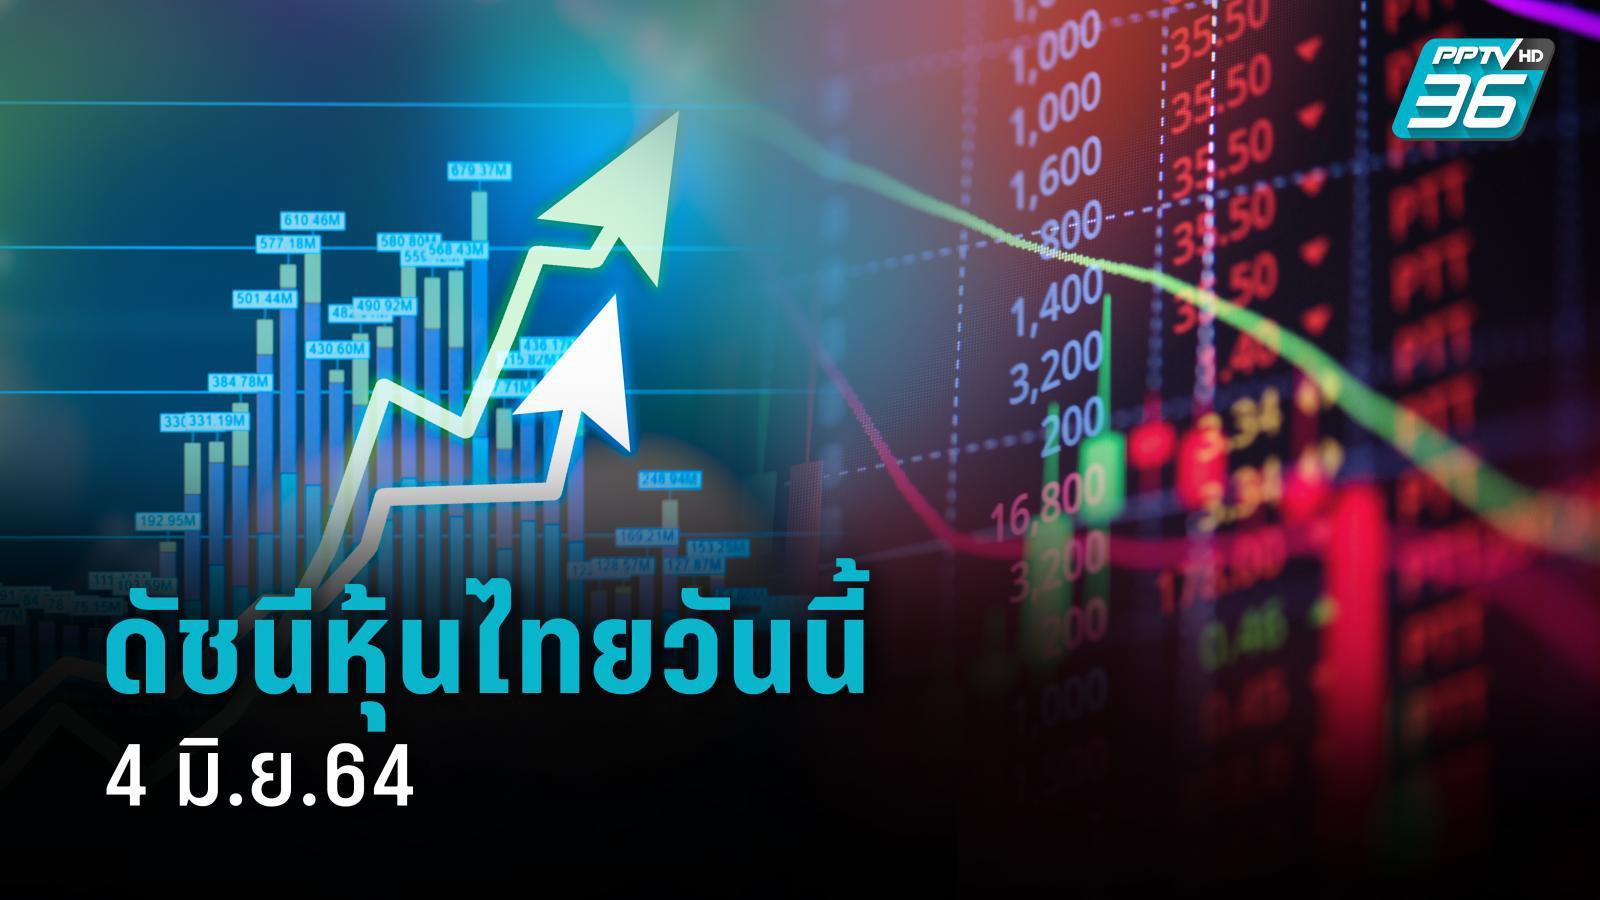 หุ้นไทย (4 มิ.ย.64)  ปิดการซื้อขาย 1,611.53 จุด ลดลง -6.02 จุด